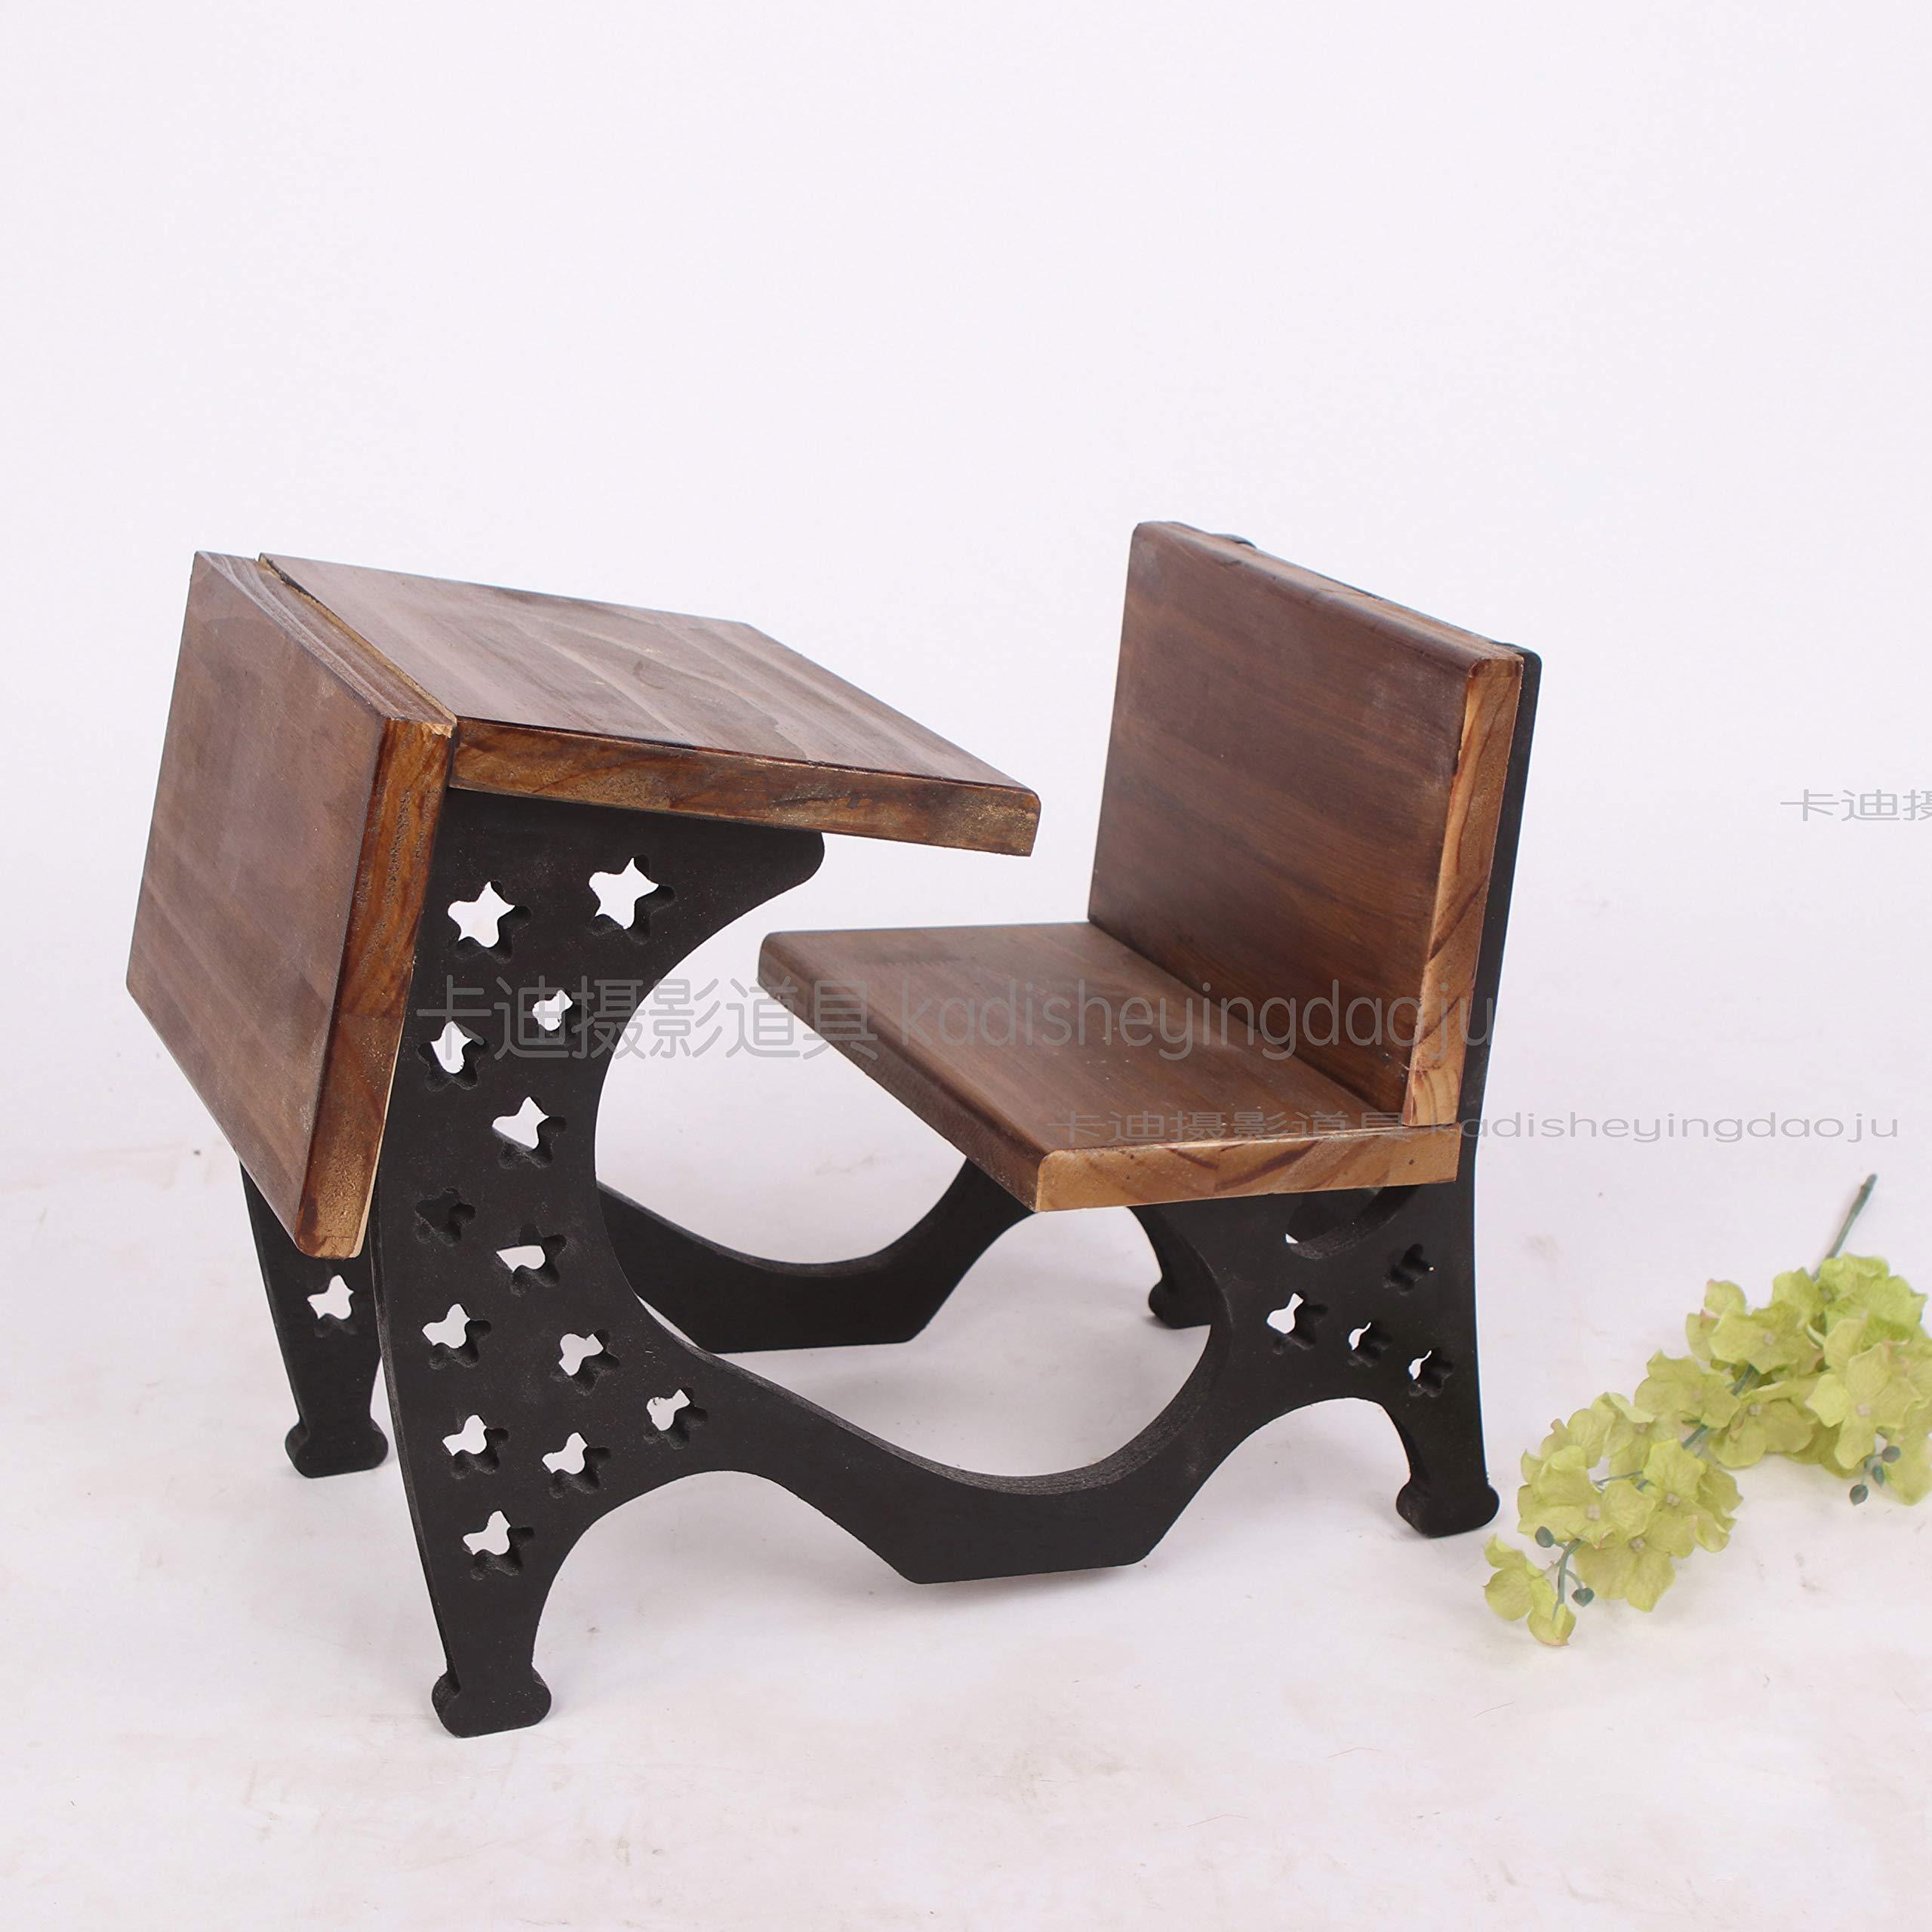 Dvotinst Newborn Photography Props Baby Posing Retro Desk Chair Cute Mini Wooden Fotografia Accessorio Studio Shoot Photo Props (B)